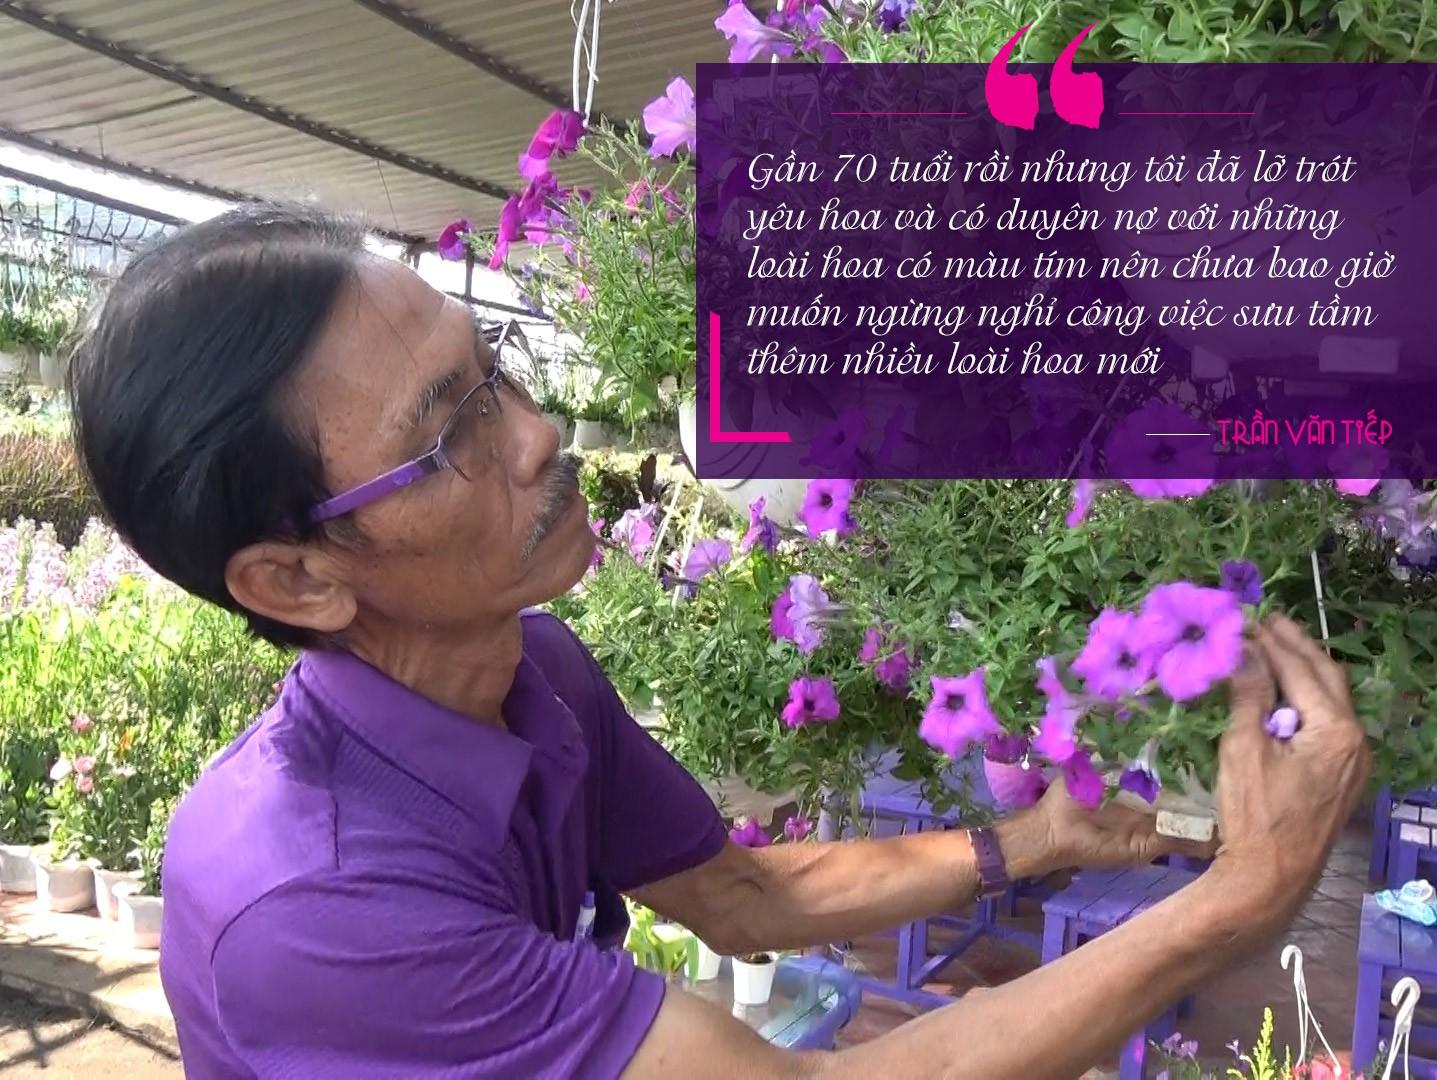 """[Emagazine] """"Phù thủy"""" của các loài hoa màu tím - Ảnh 5."""